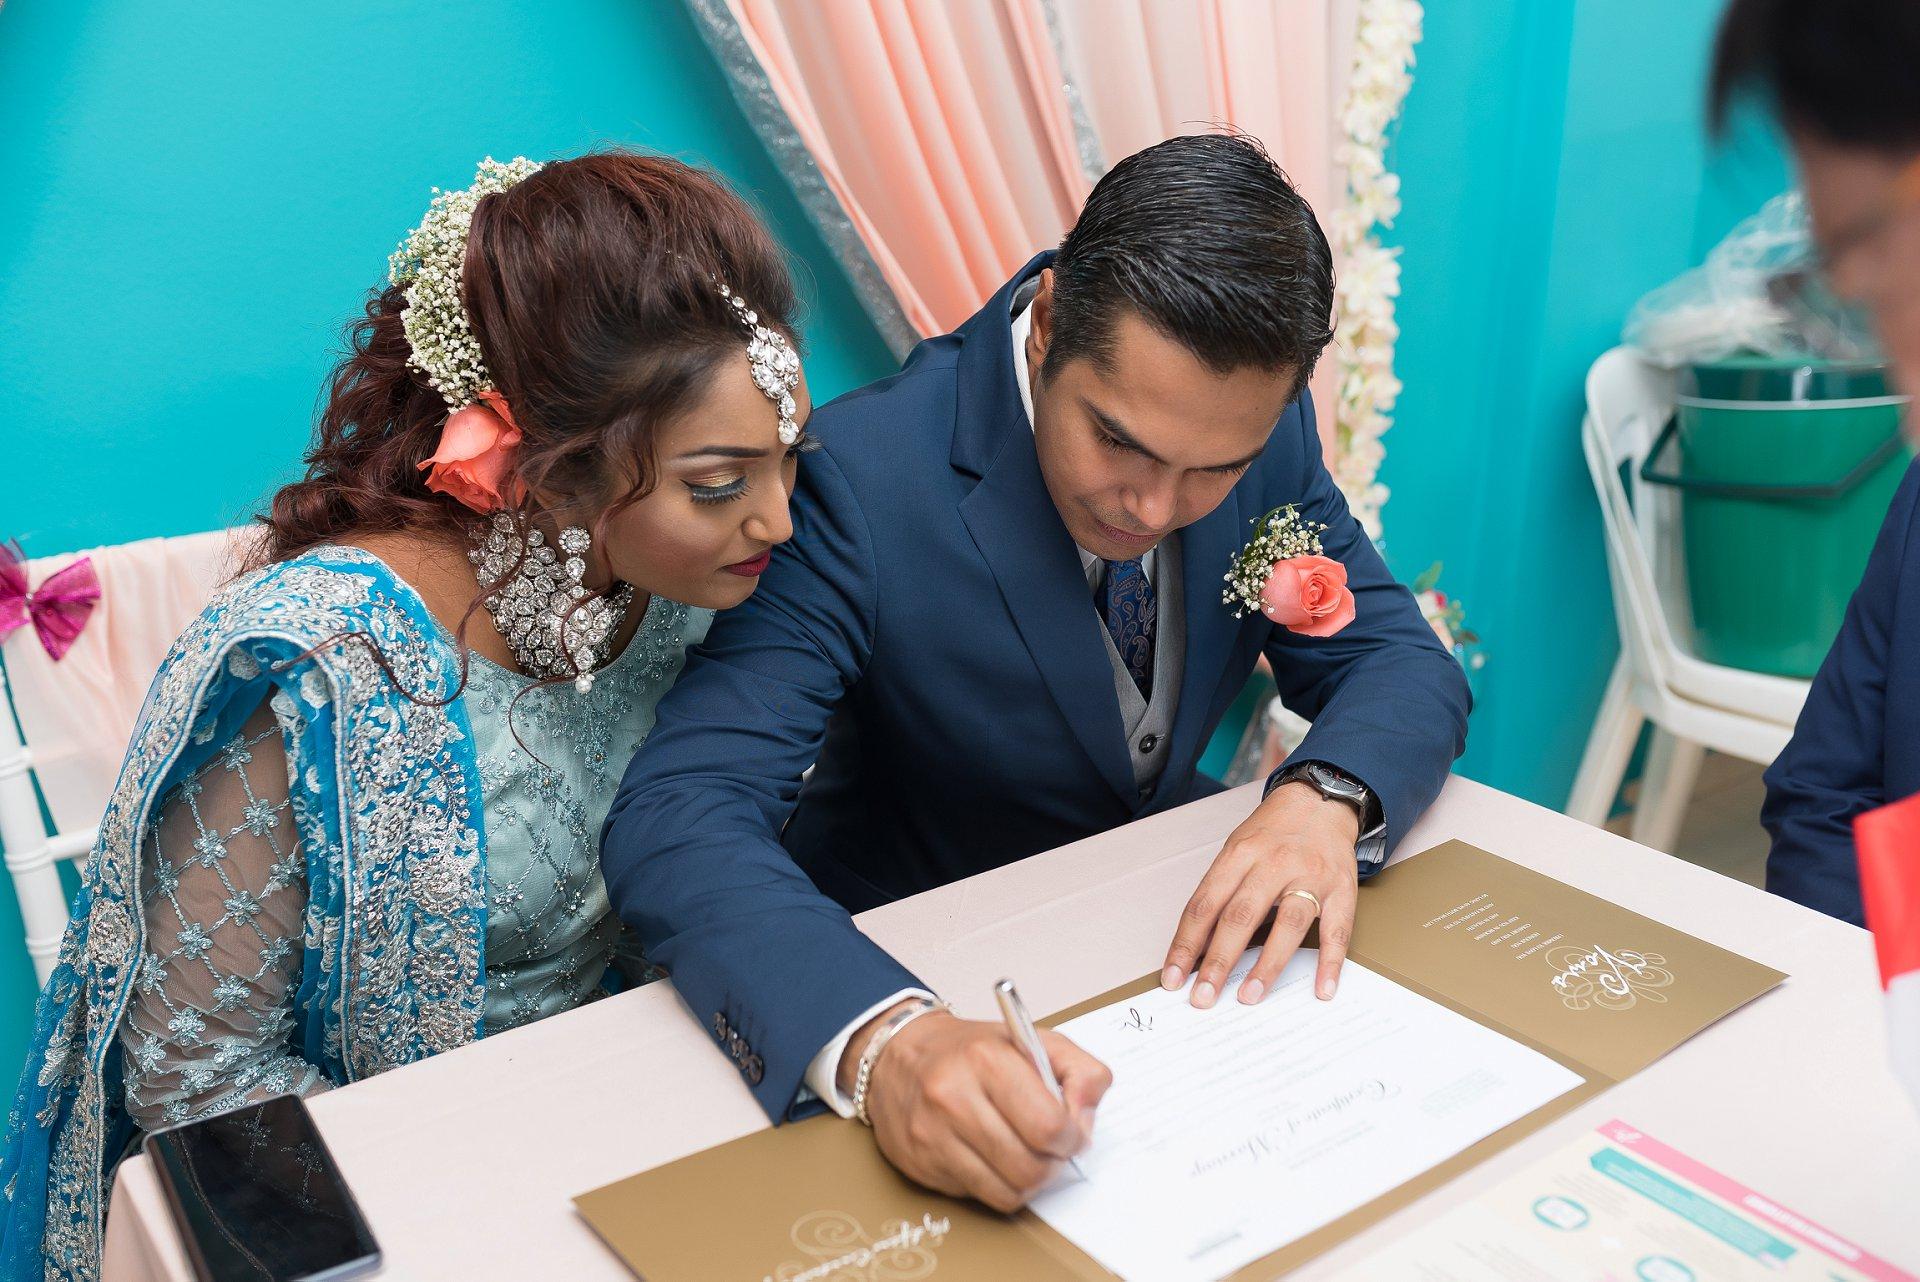 COVID-19 trouwfoto's van schaking in Singapore | zij gaan verder met het ondertekenen van de huwelijksakte van de Solemniser